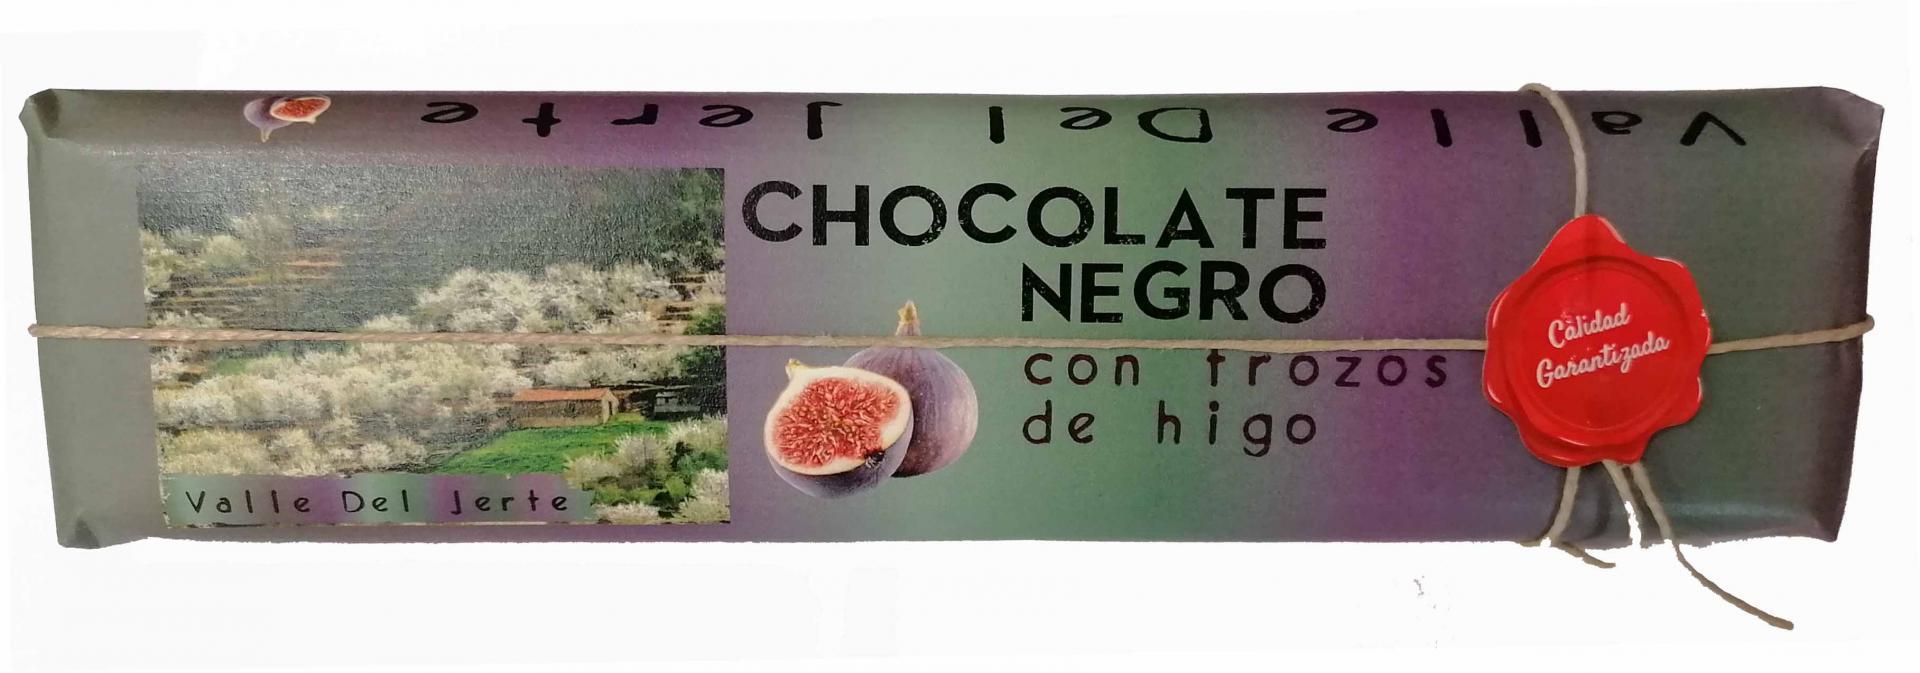 Chocolate negro artesano con higos Valle del Jerte